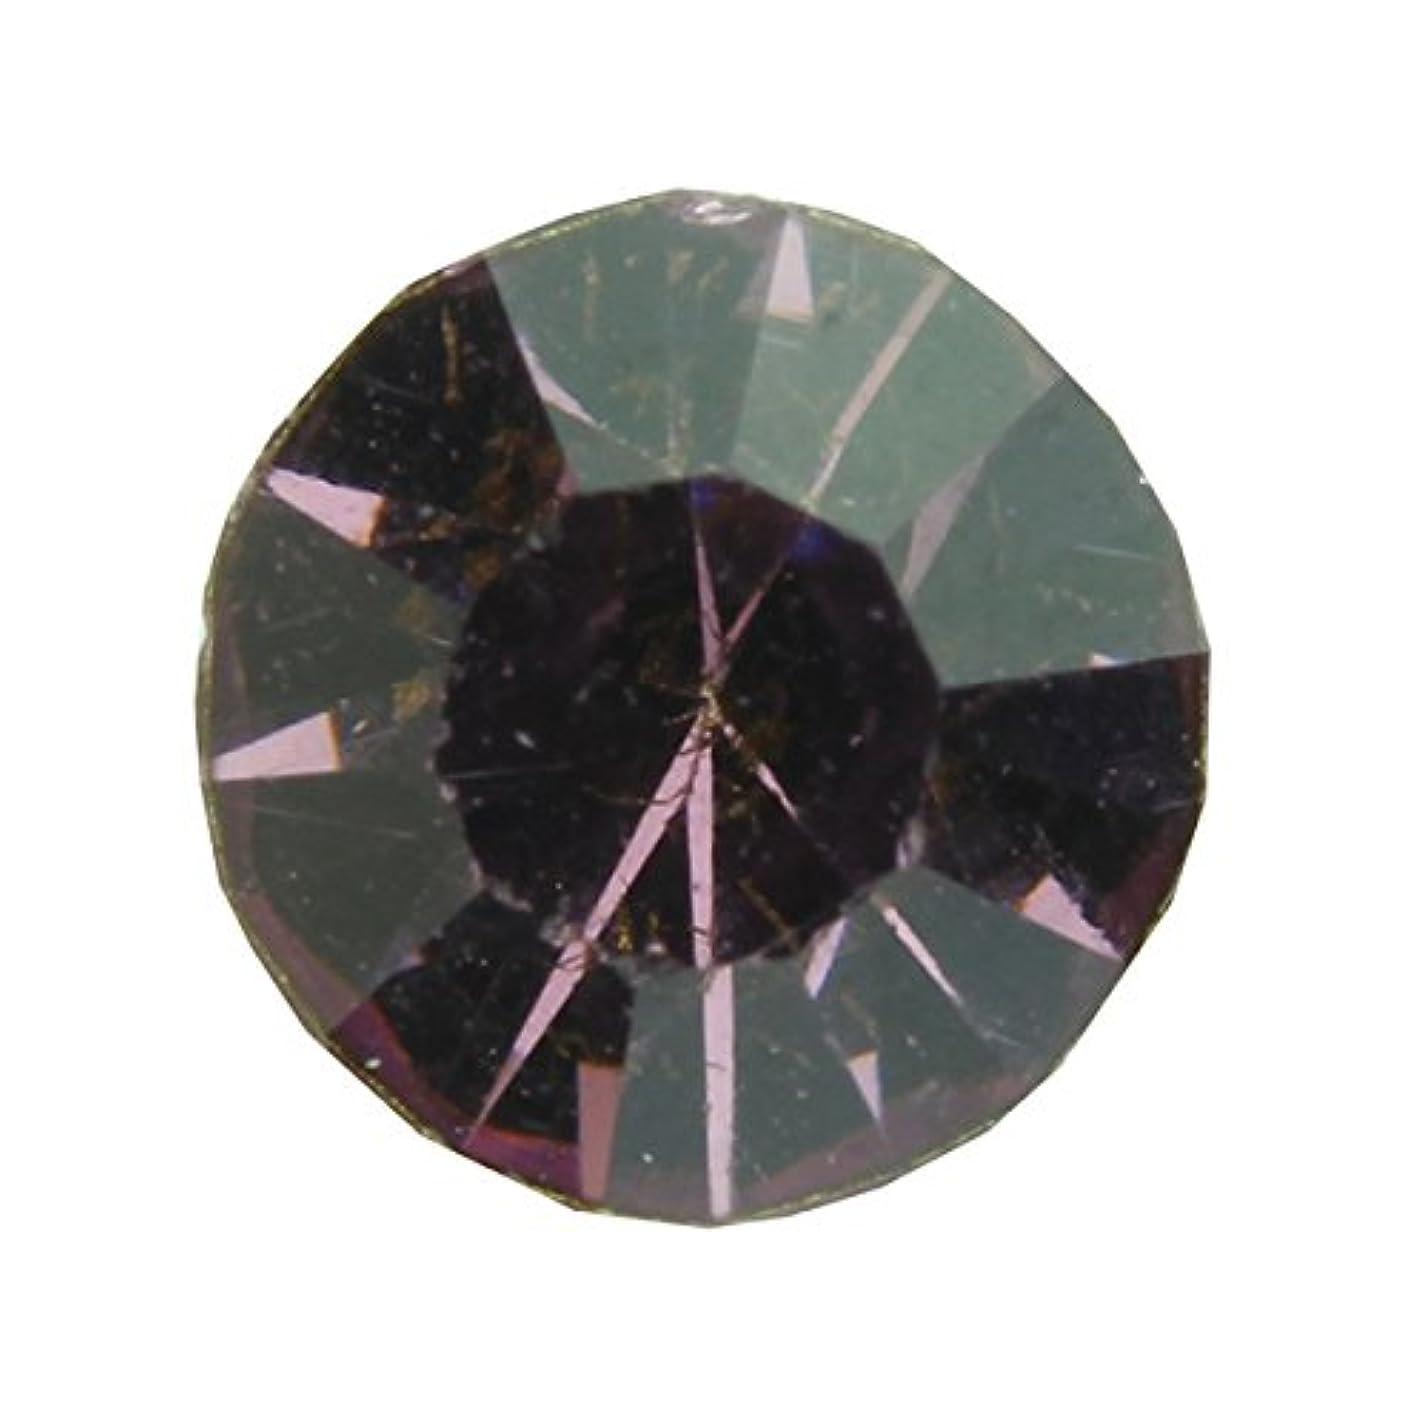 眠る傷跡タッチアクリルストーンVカット ss20(約4.8mm)(30個入り) アメジスト